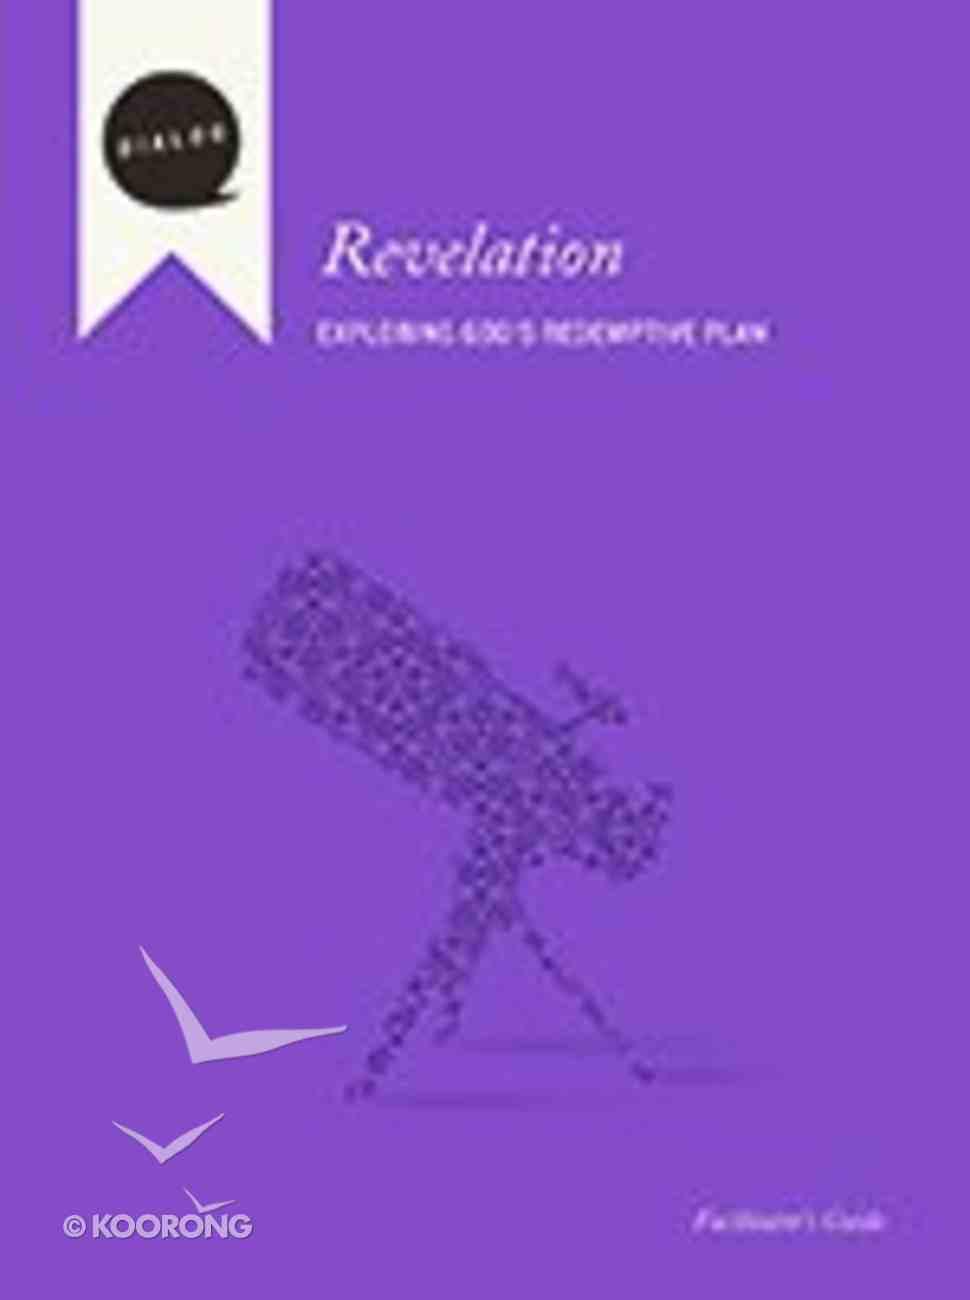 Revelation (Facilitator's Guide) (Dialog Study Series) Paperback